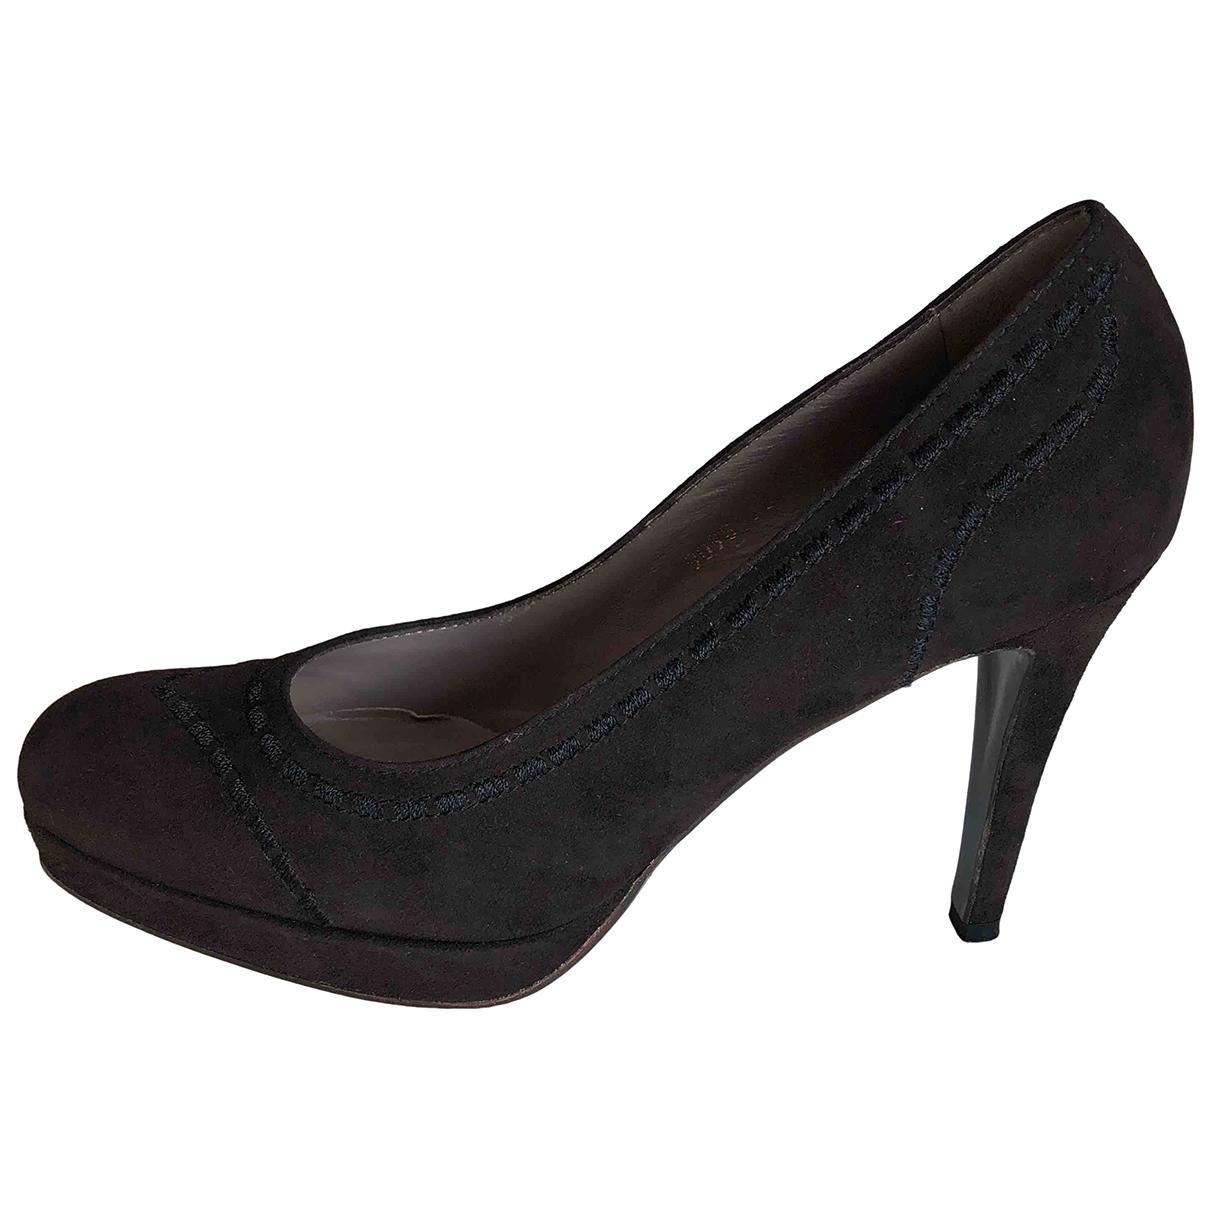 Autre Marque N Brown Suede Sandals for Women 38 EU